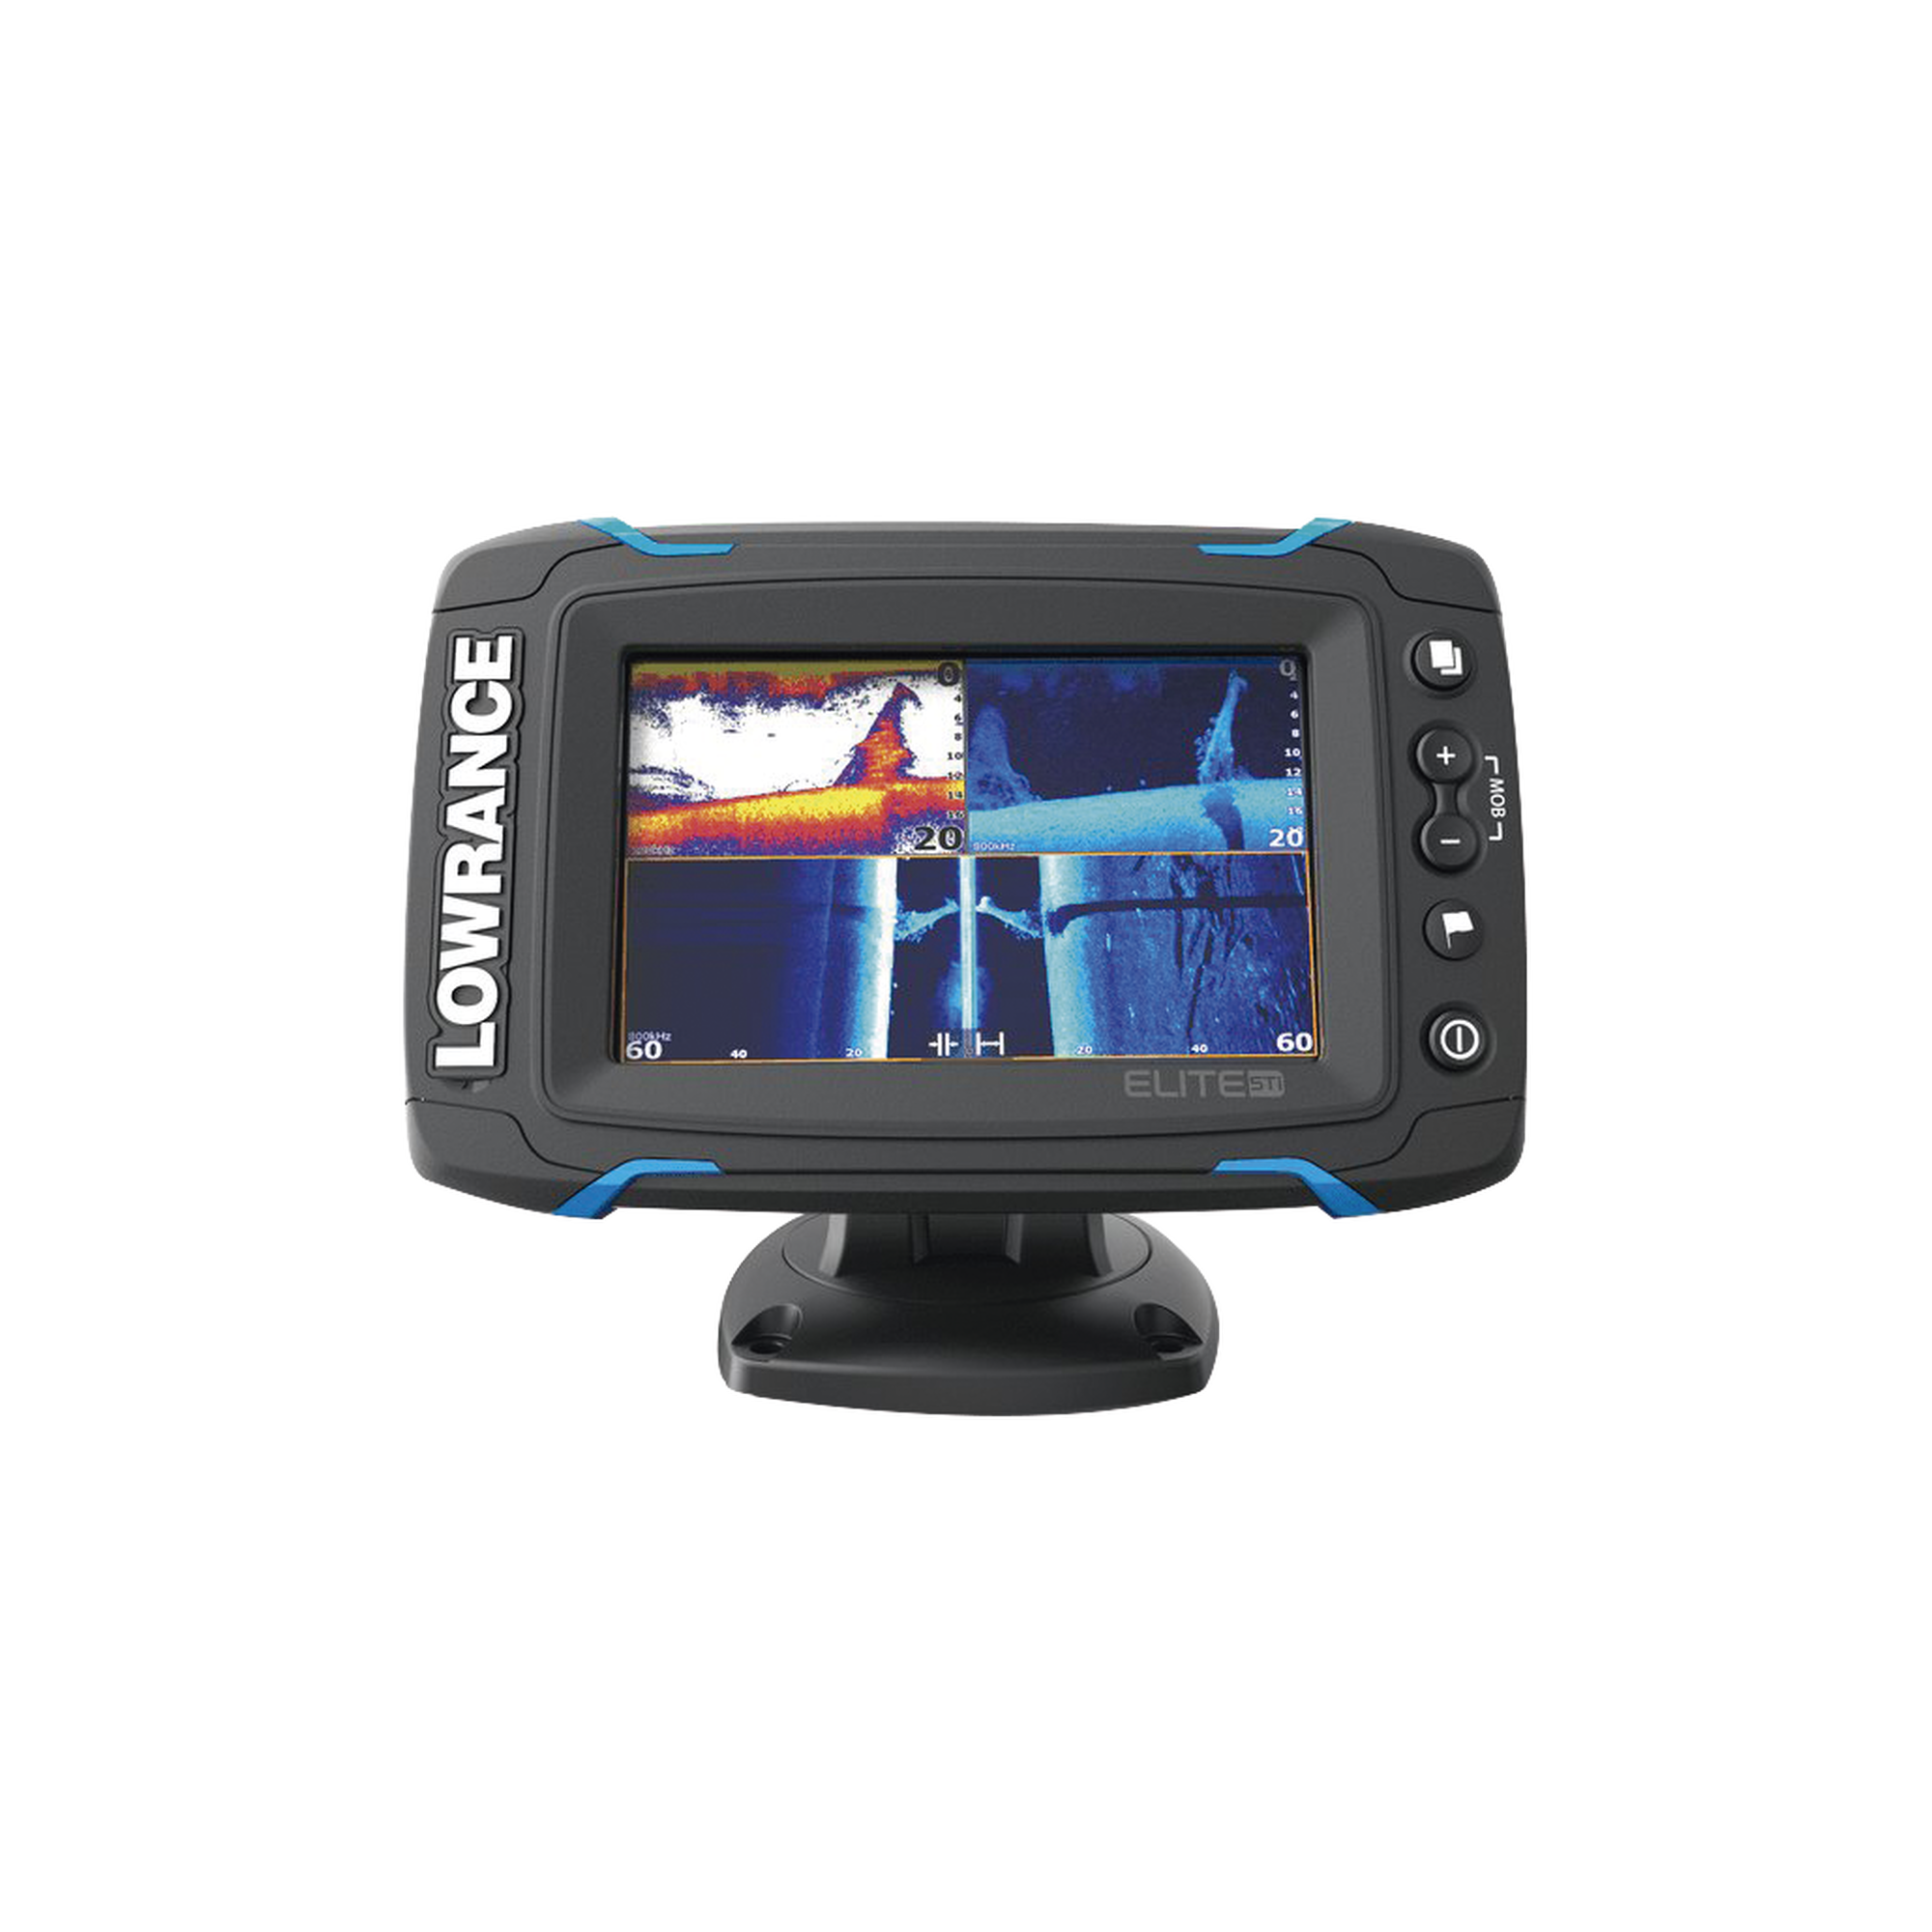 Elite 5-TI Fishfinder con pantalla touch screen de 5 pulgadas, GPS interconstruido. incluye transductor